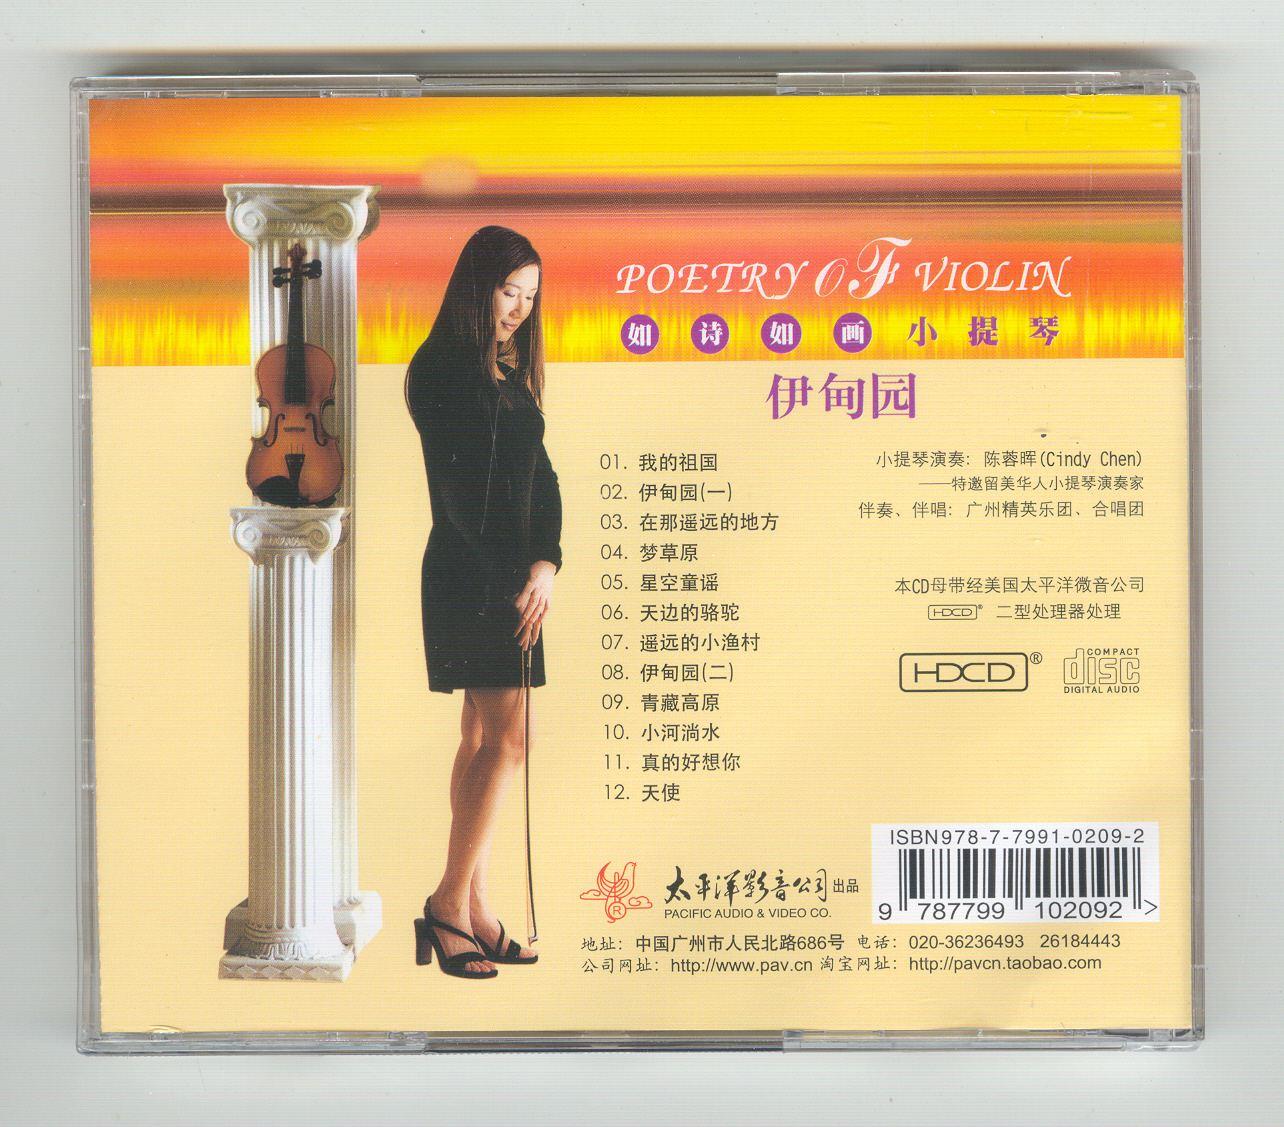 陈蓉晖如诗如画小提琴 伊甸园1cd 全新休闲音乐hifi唱片